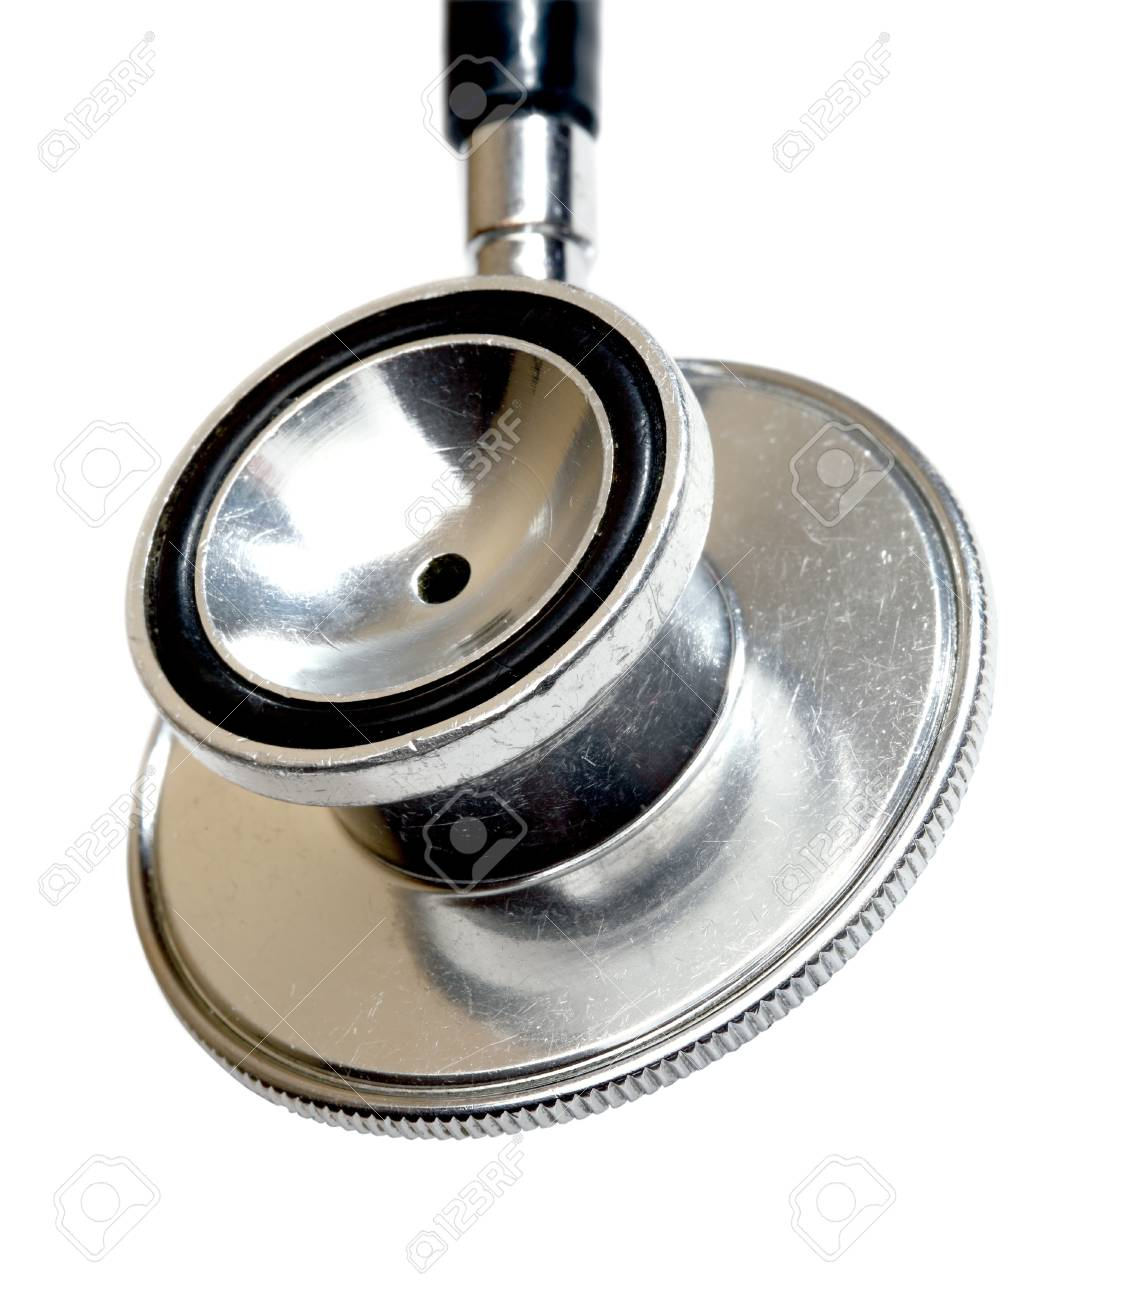 Stethoscope close-up  Isolated on white Stock Photo - 15993395